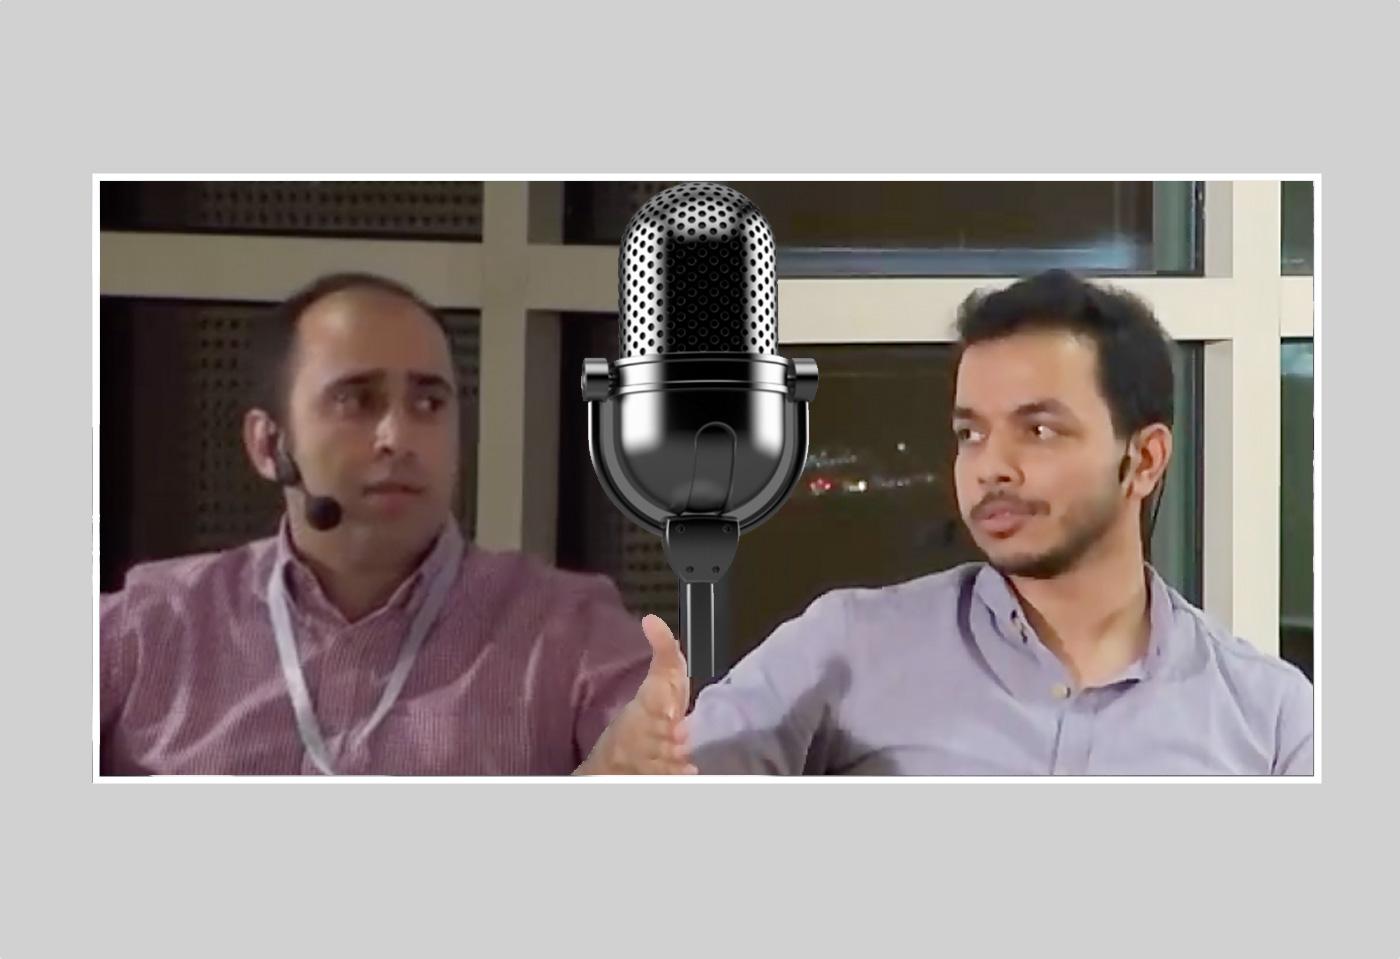 استارتاپ گرایند تهران - علی نادعلیزاده - امیرحسین مددی